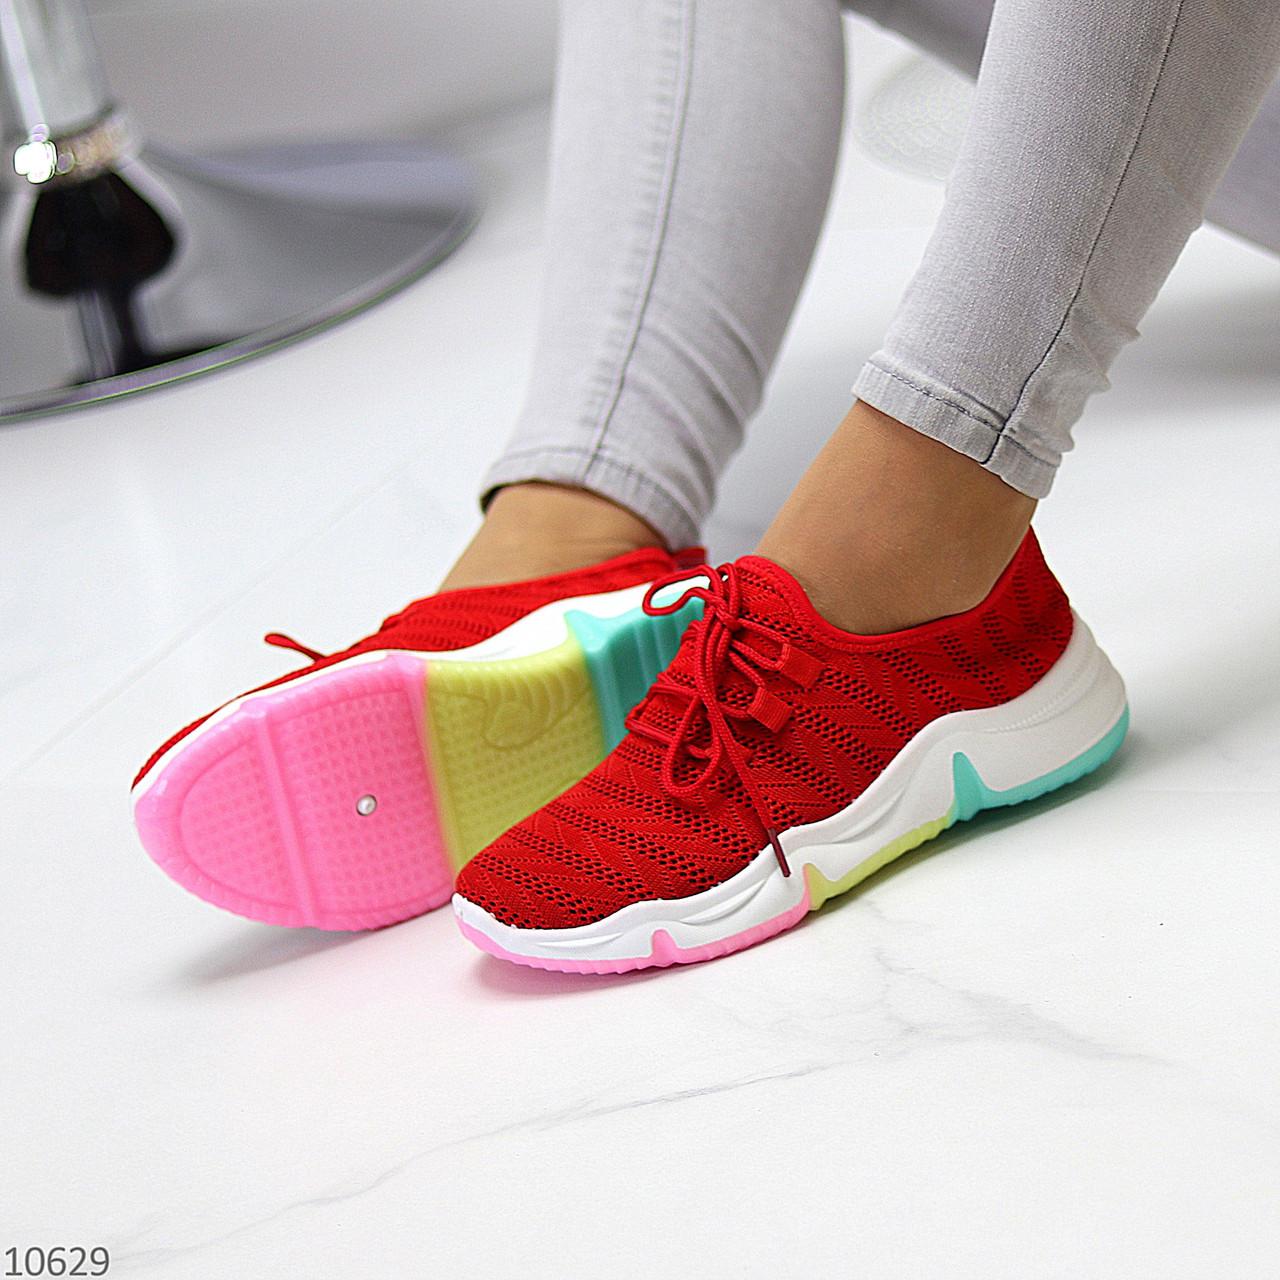 Яркие красные тканевые текстильные женские кроссовки на подошве мультиколор 36-23 37-23,5 39-24,5 41